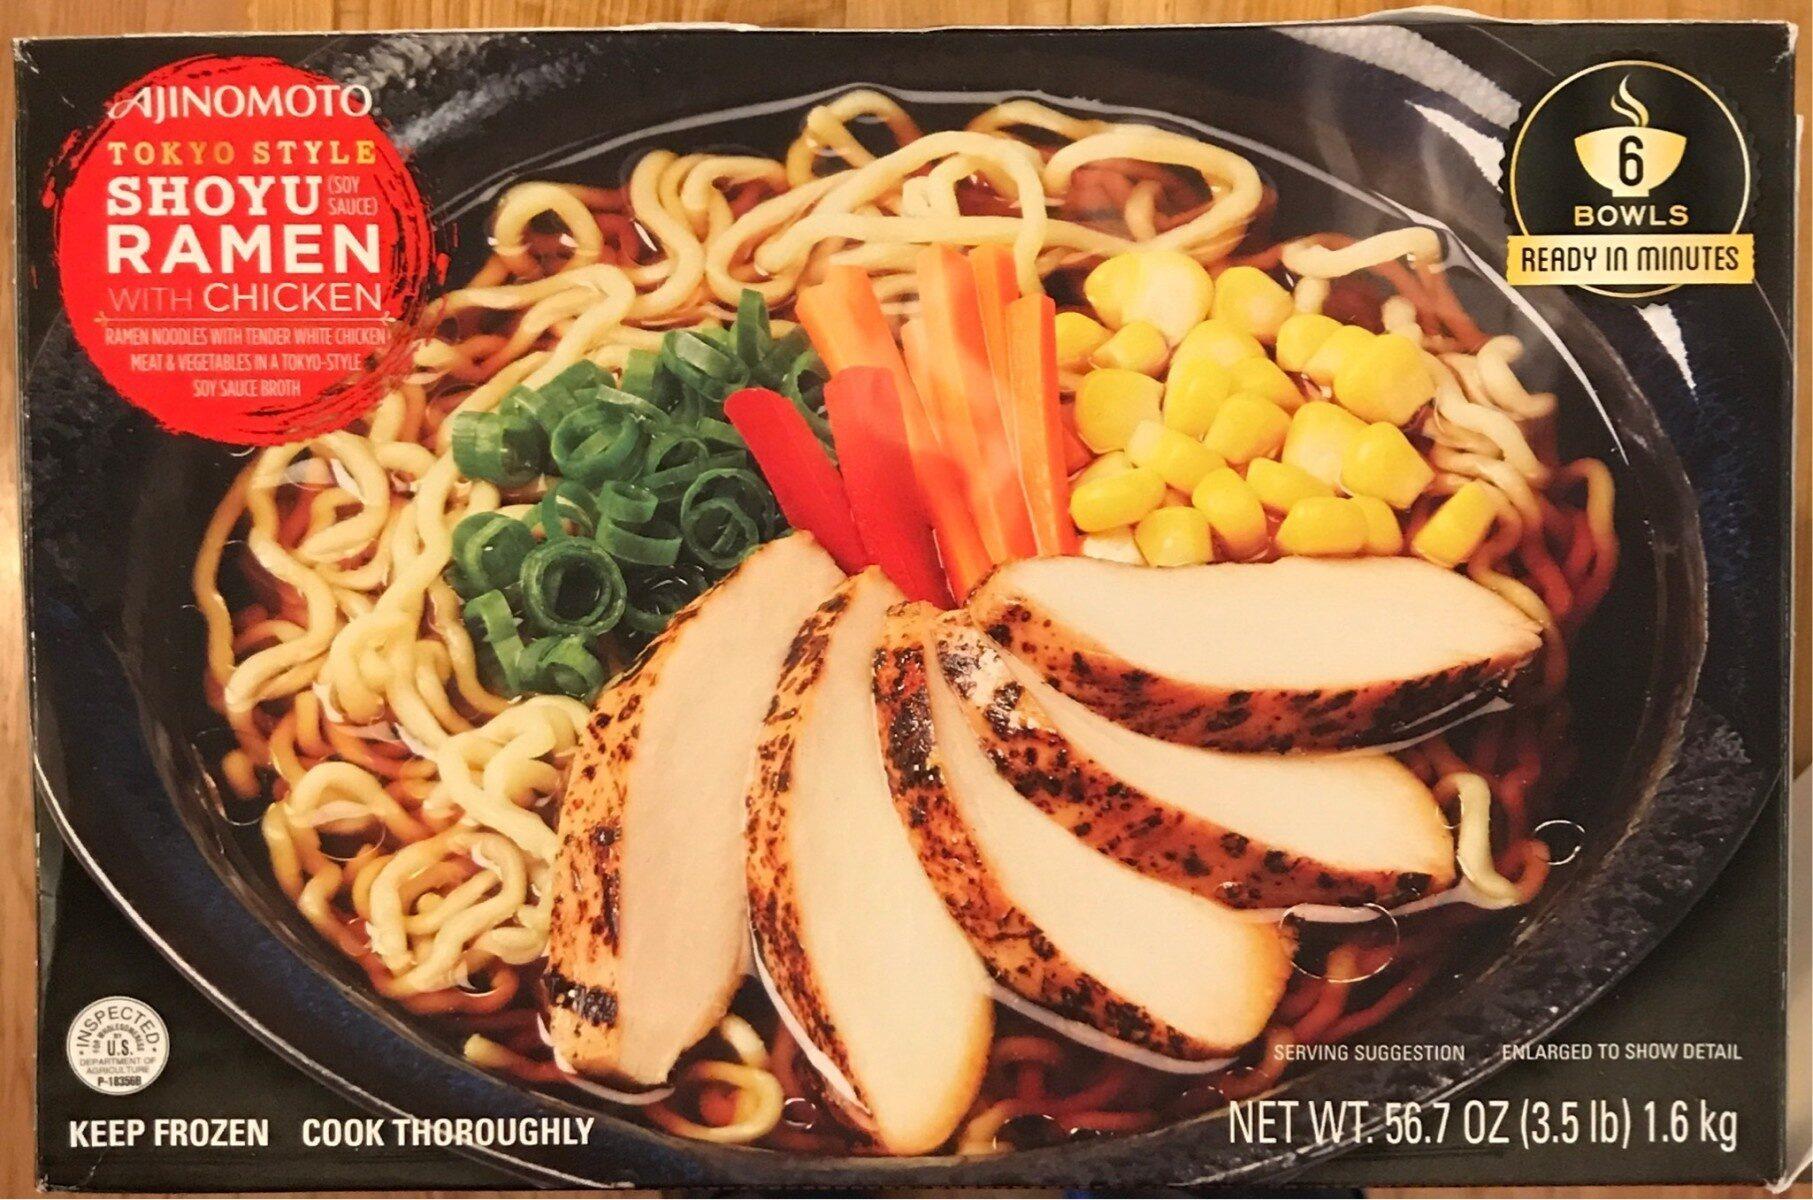 Shoyu ramen with Chicken - Product - en